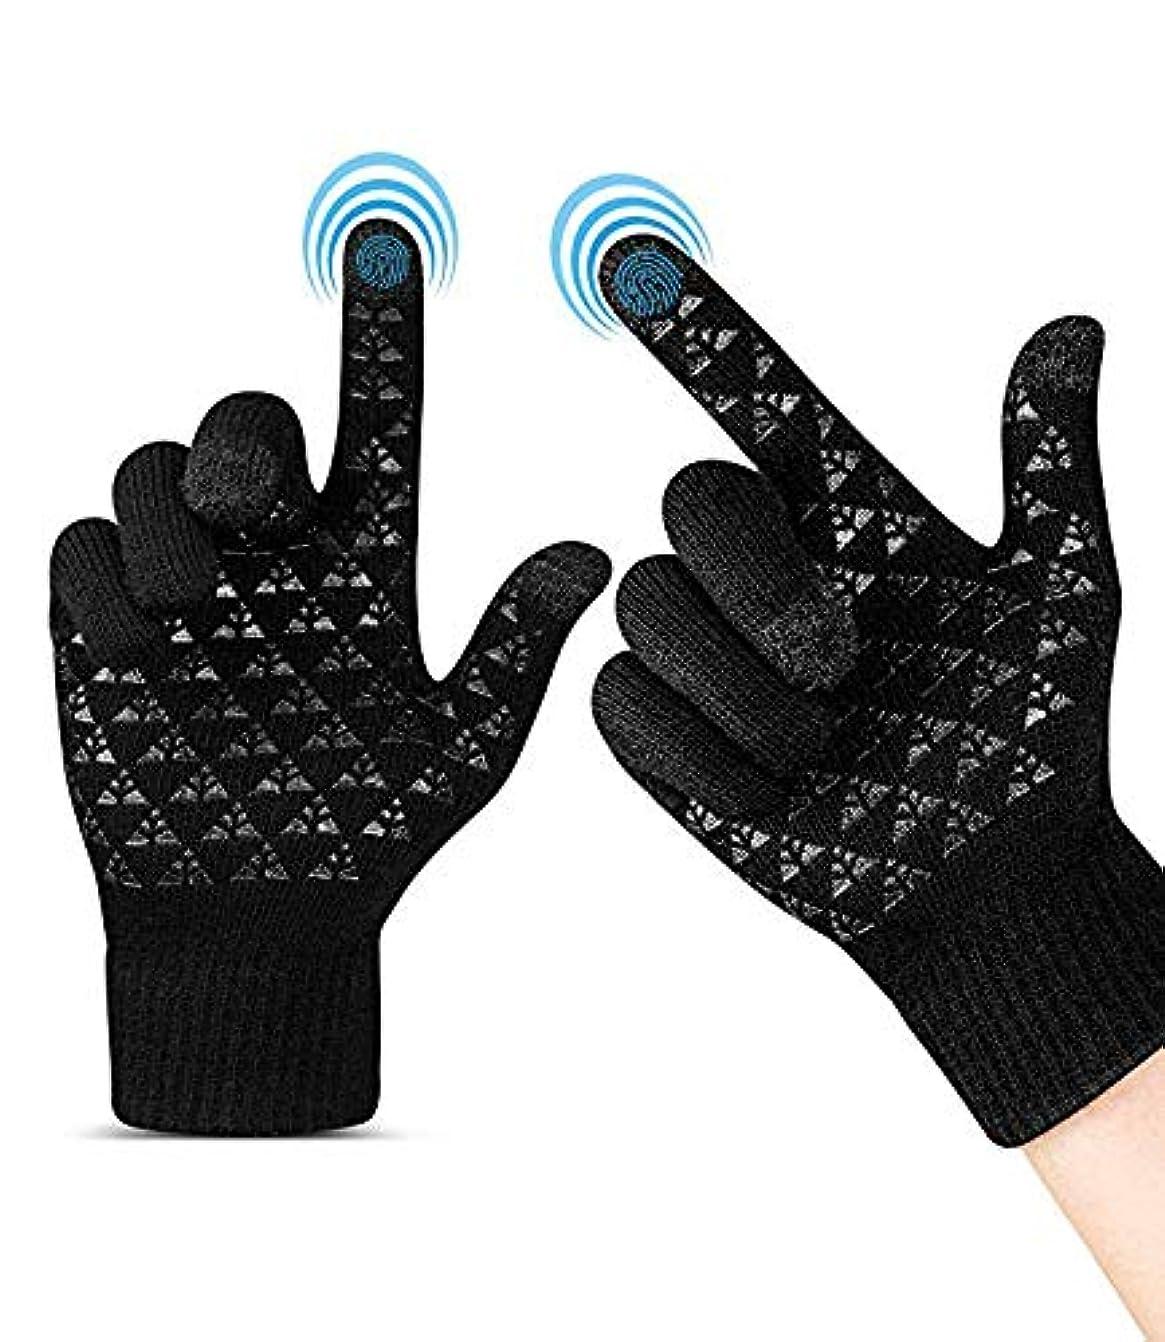 証明謙虚勧告冬はニット滑り止めウール手袋裏地男性と女性のタッチスクリーンフリースのために、タッチスクリーン手袋を温めます